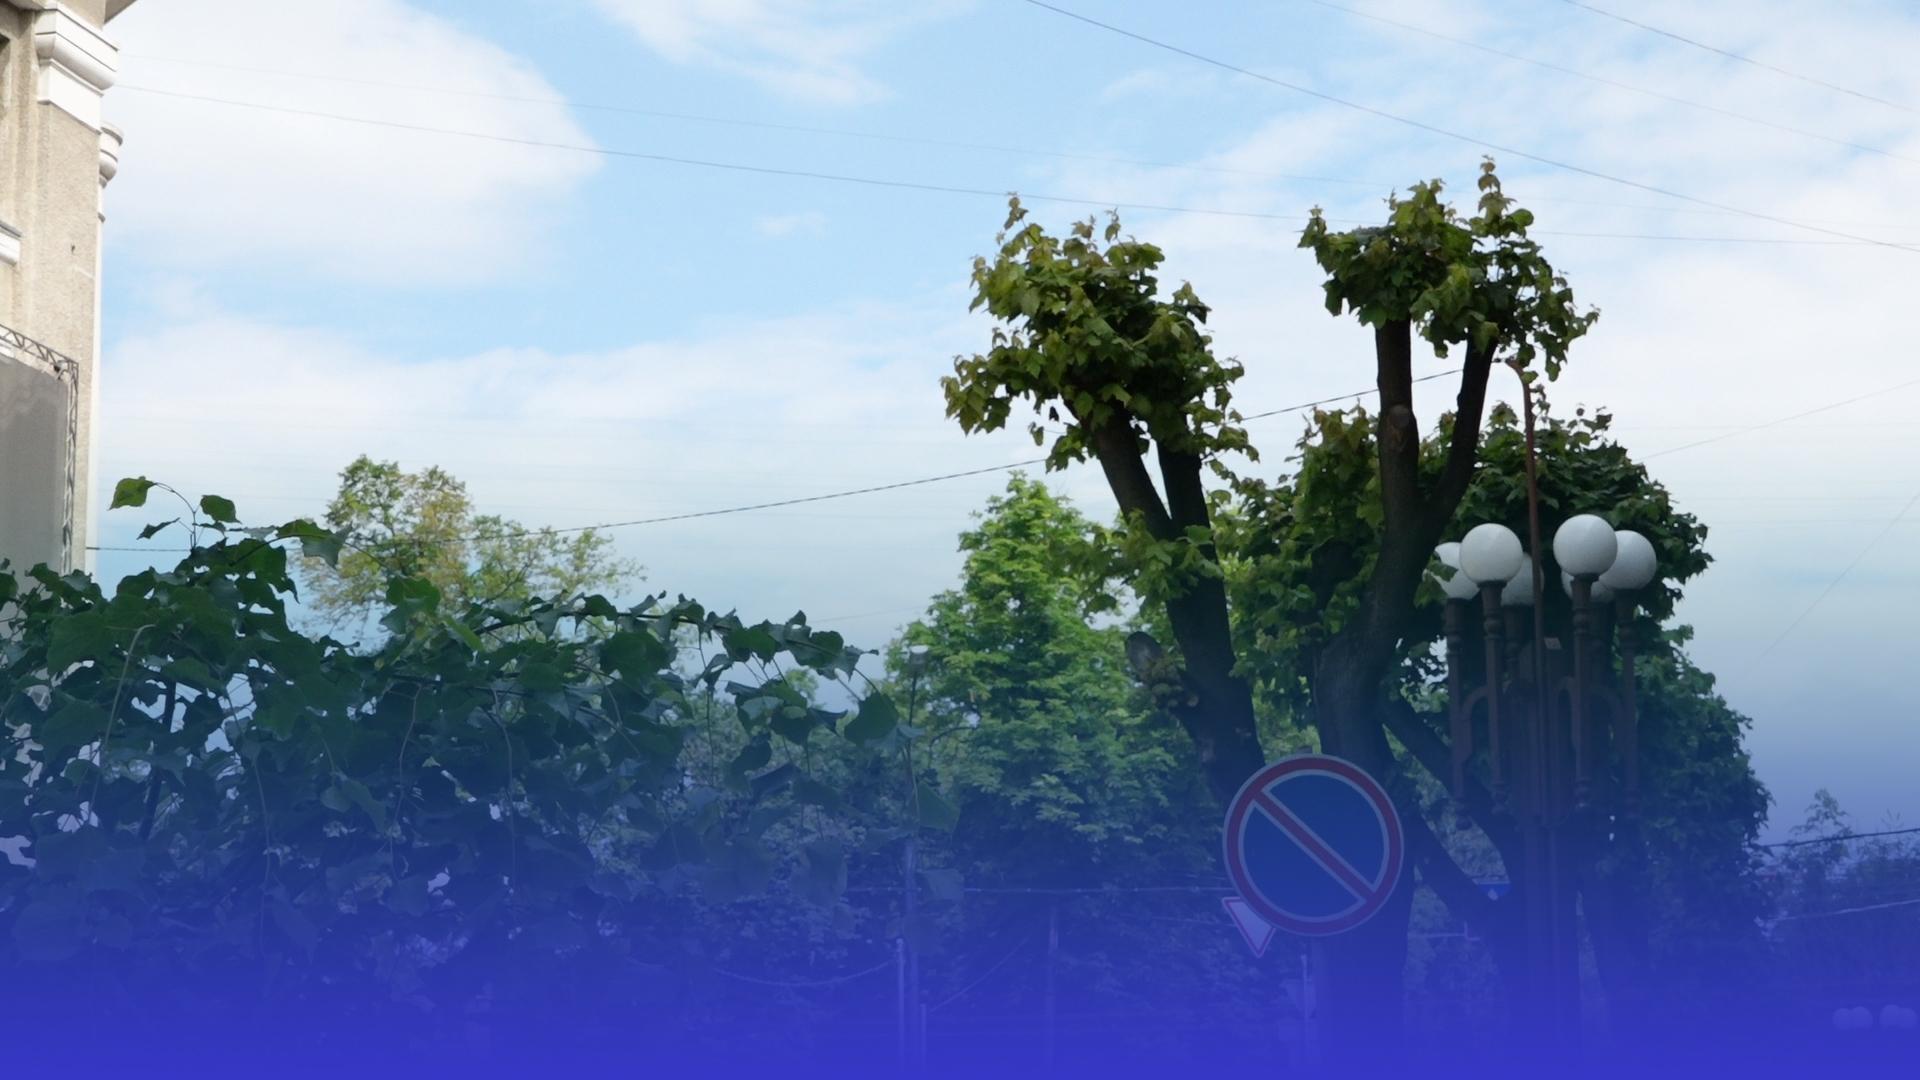 Спека ненадовго: коли на Тернопільщині прогнозують дощі з грозами